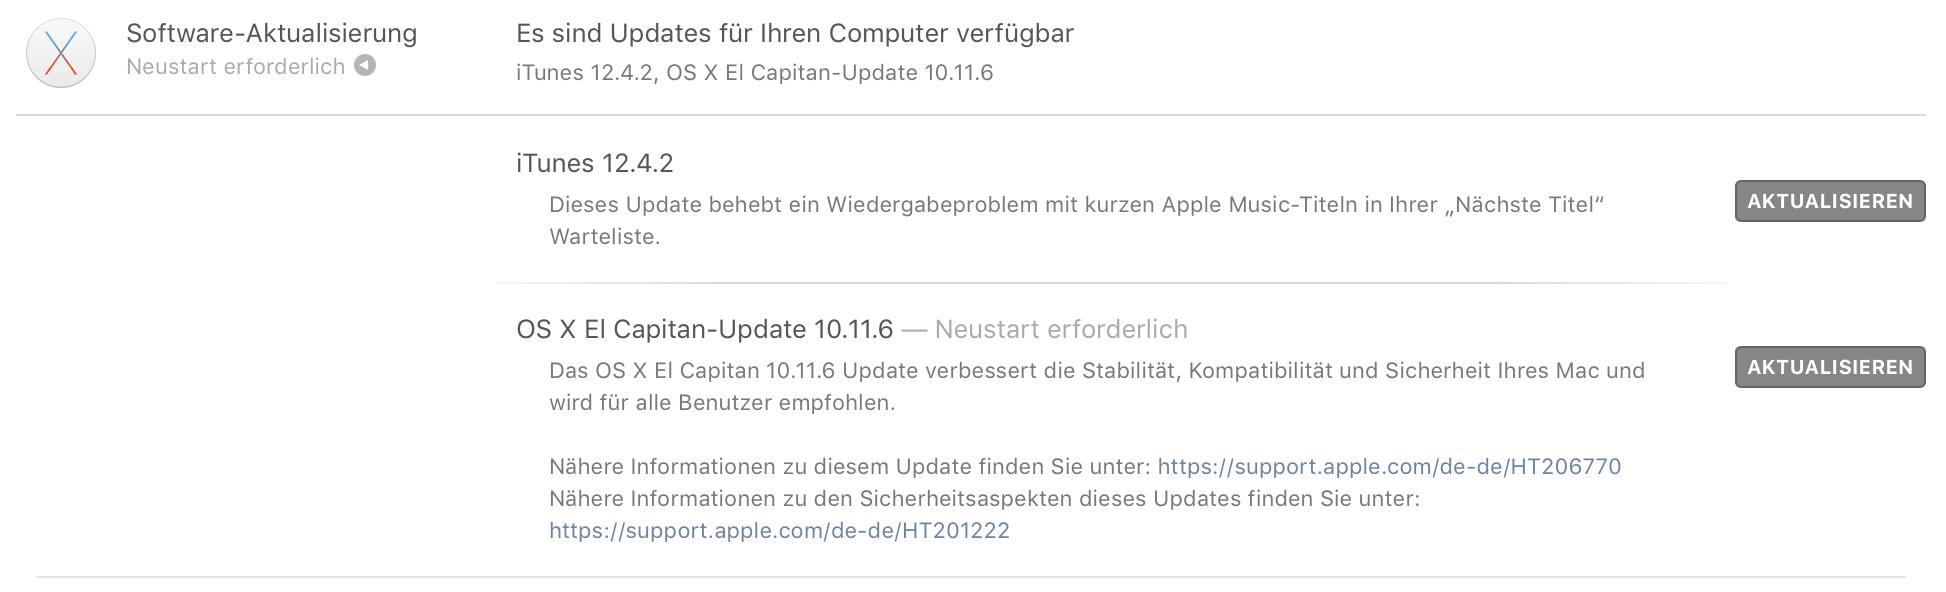 iTunes 12.4.2 und OS X 10.11.6 stehen zum Download bereit